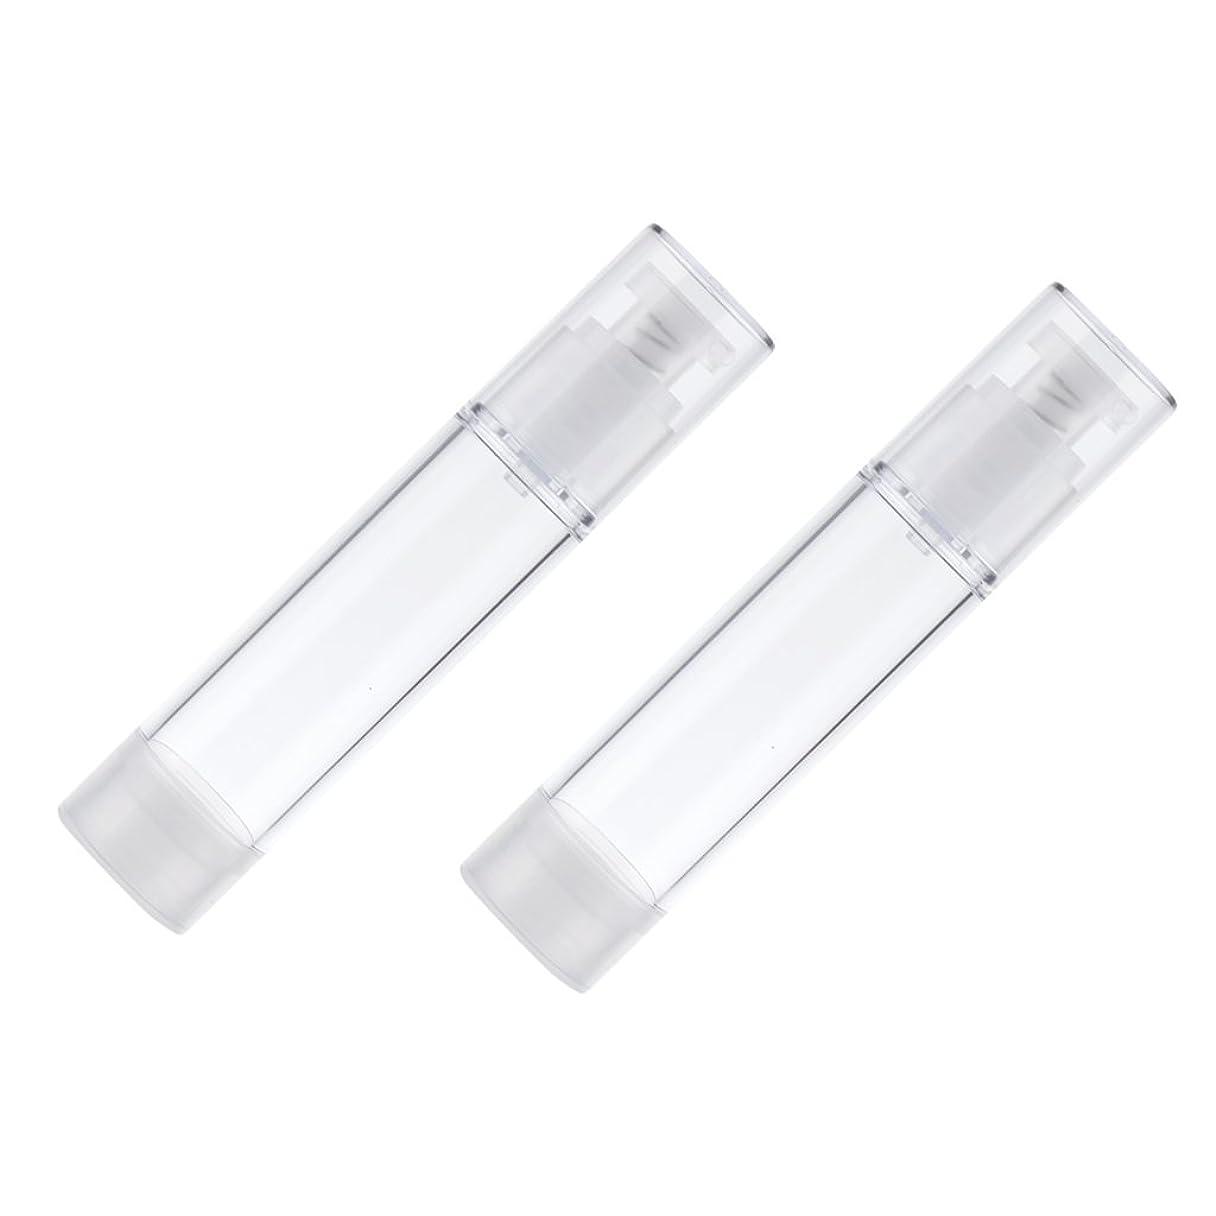 錫シンプルな推定Baosity 2個 ポンプボトル エアレスボトル ポンプディスペンサー コスメ 詰替え DIY 化粧品 メイクアップ スキンケア 3サイズ選べる - 50ml